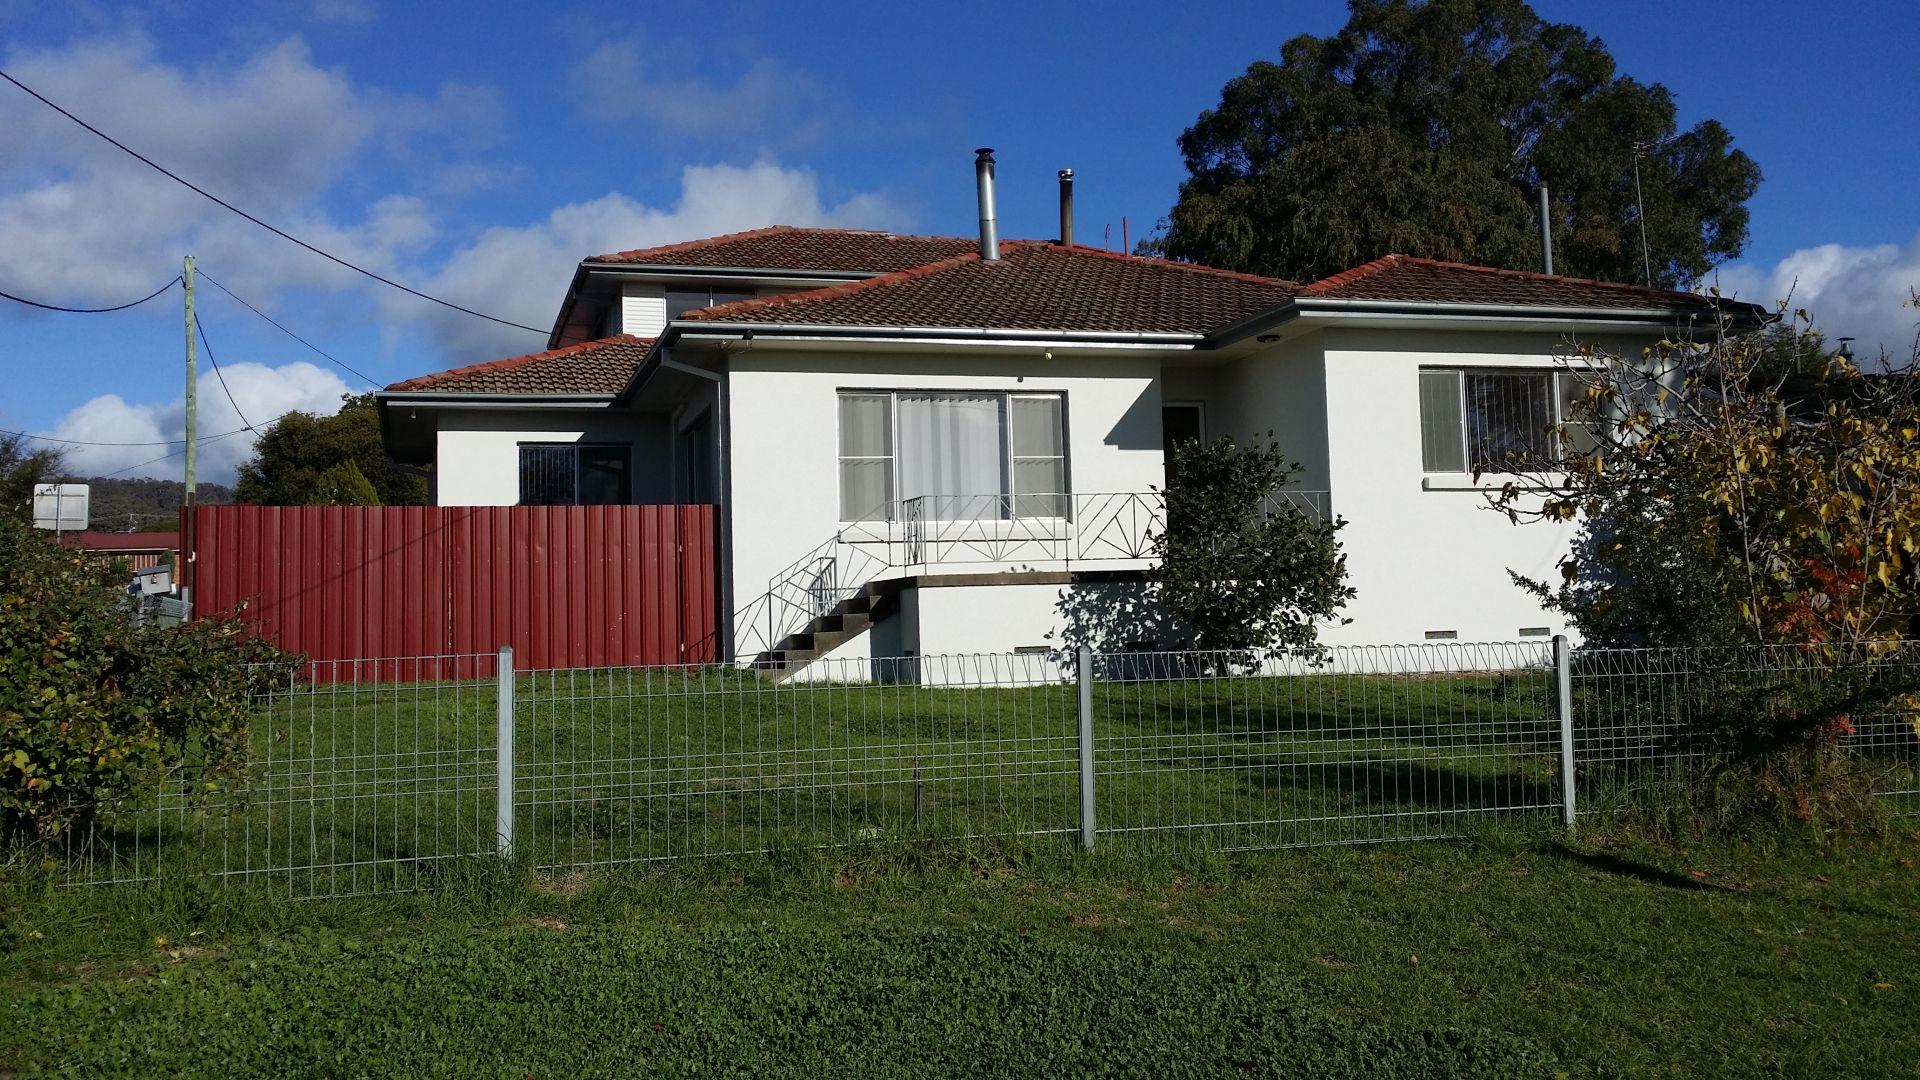 TUMUT, NSW 2720